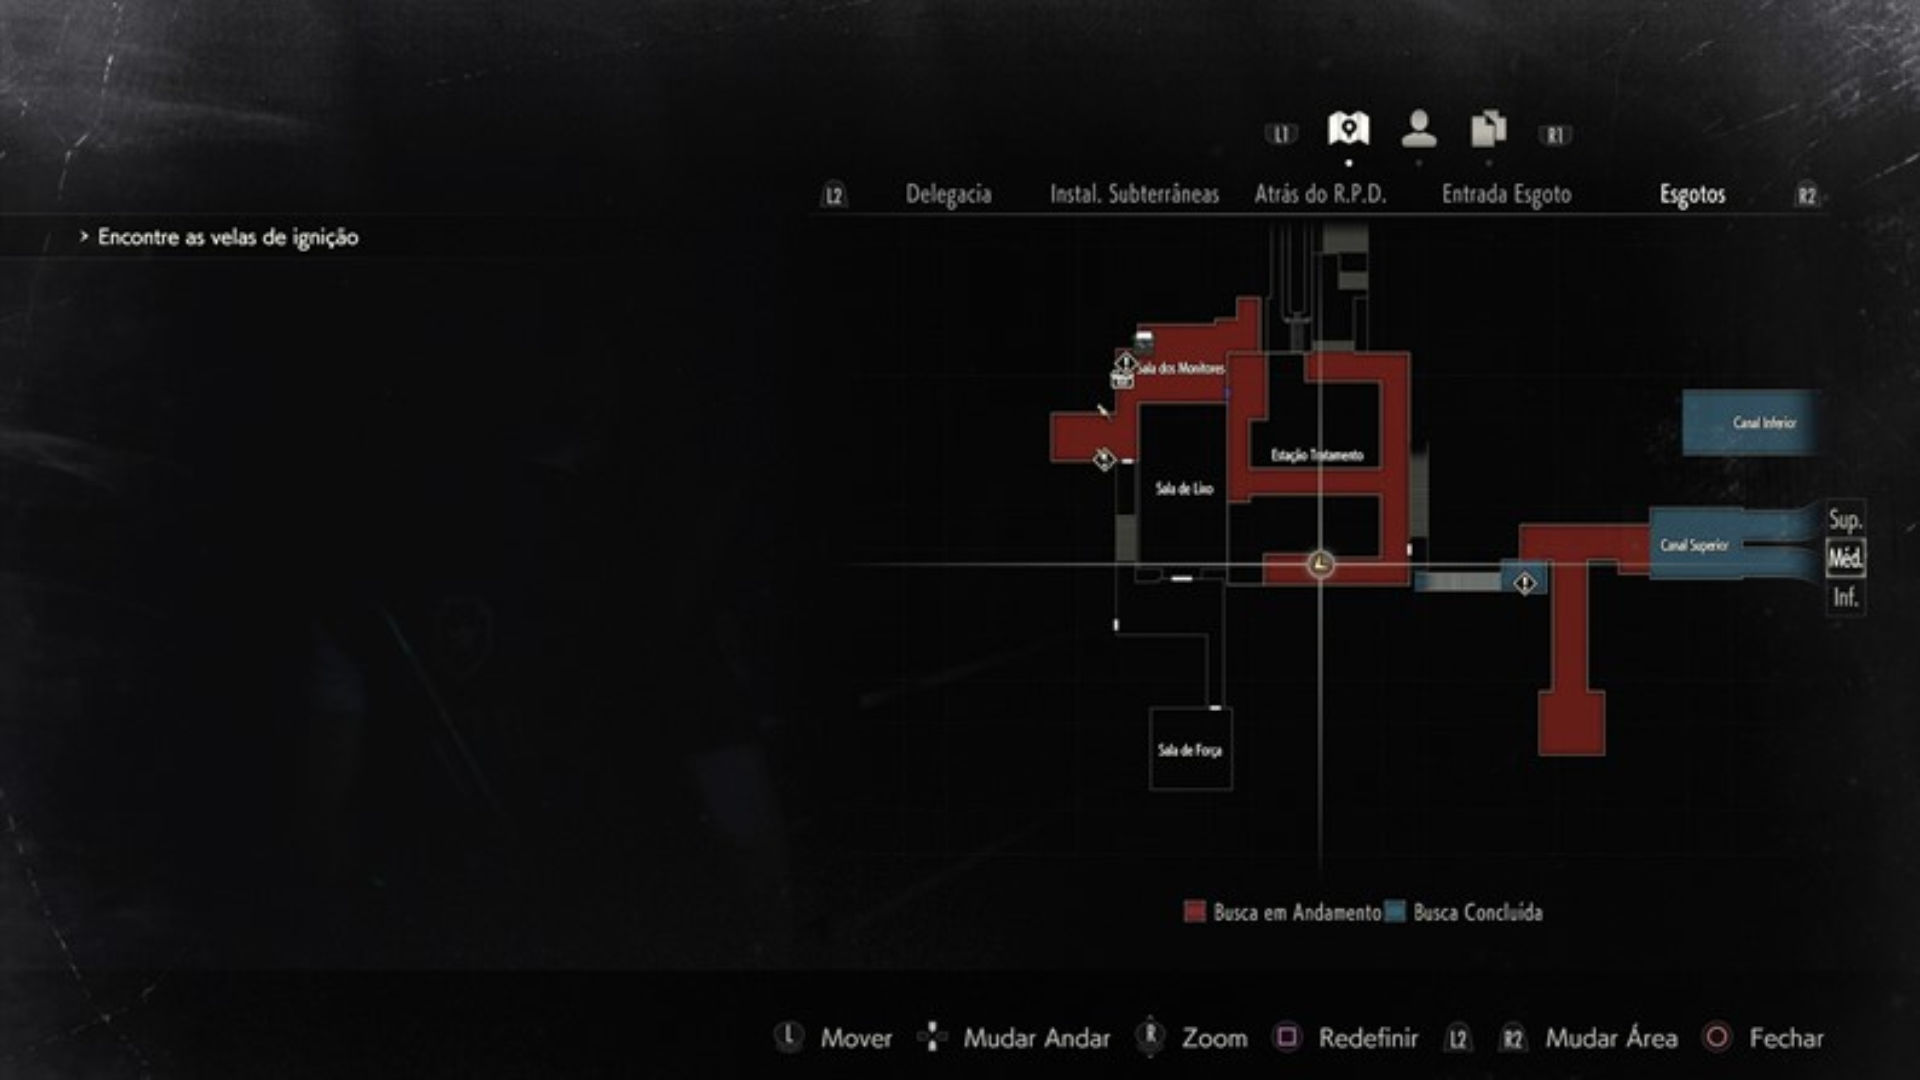 Resident Evil 2 Remake Guia Para Encontrar Todos Os Upgrades De